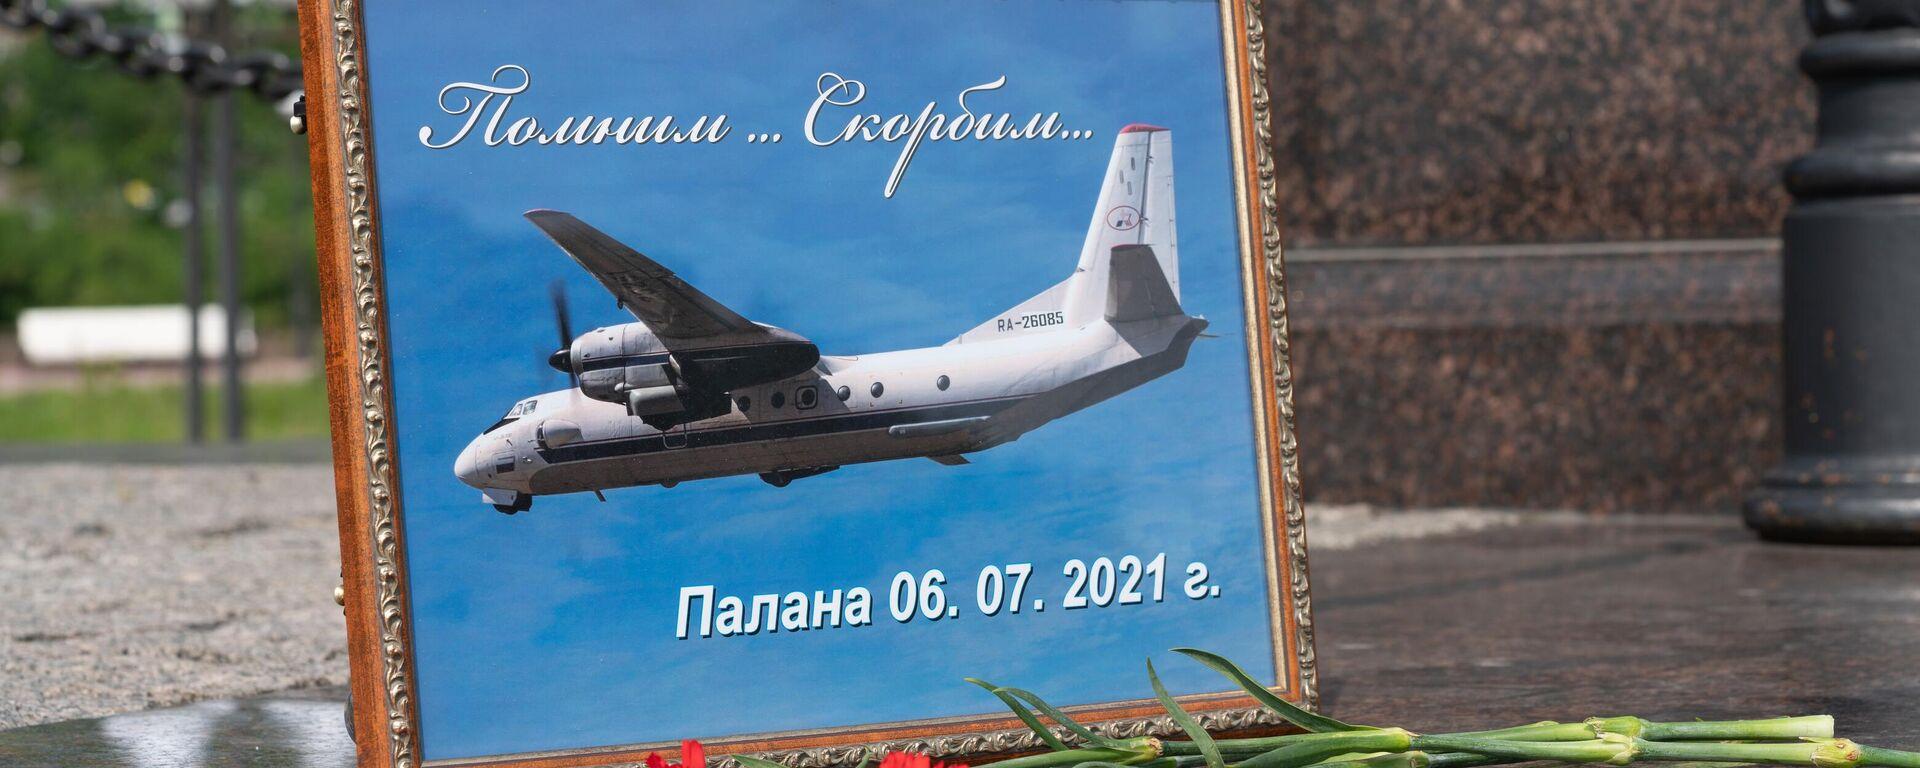 Homenaje al avión siniestrado en la península rusa de Kamchatka - Sputnik Mundo, 1920, 07.07.2021